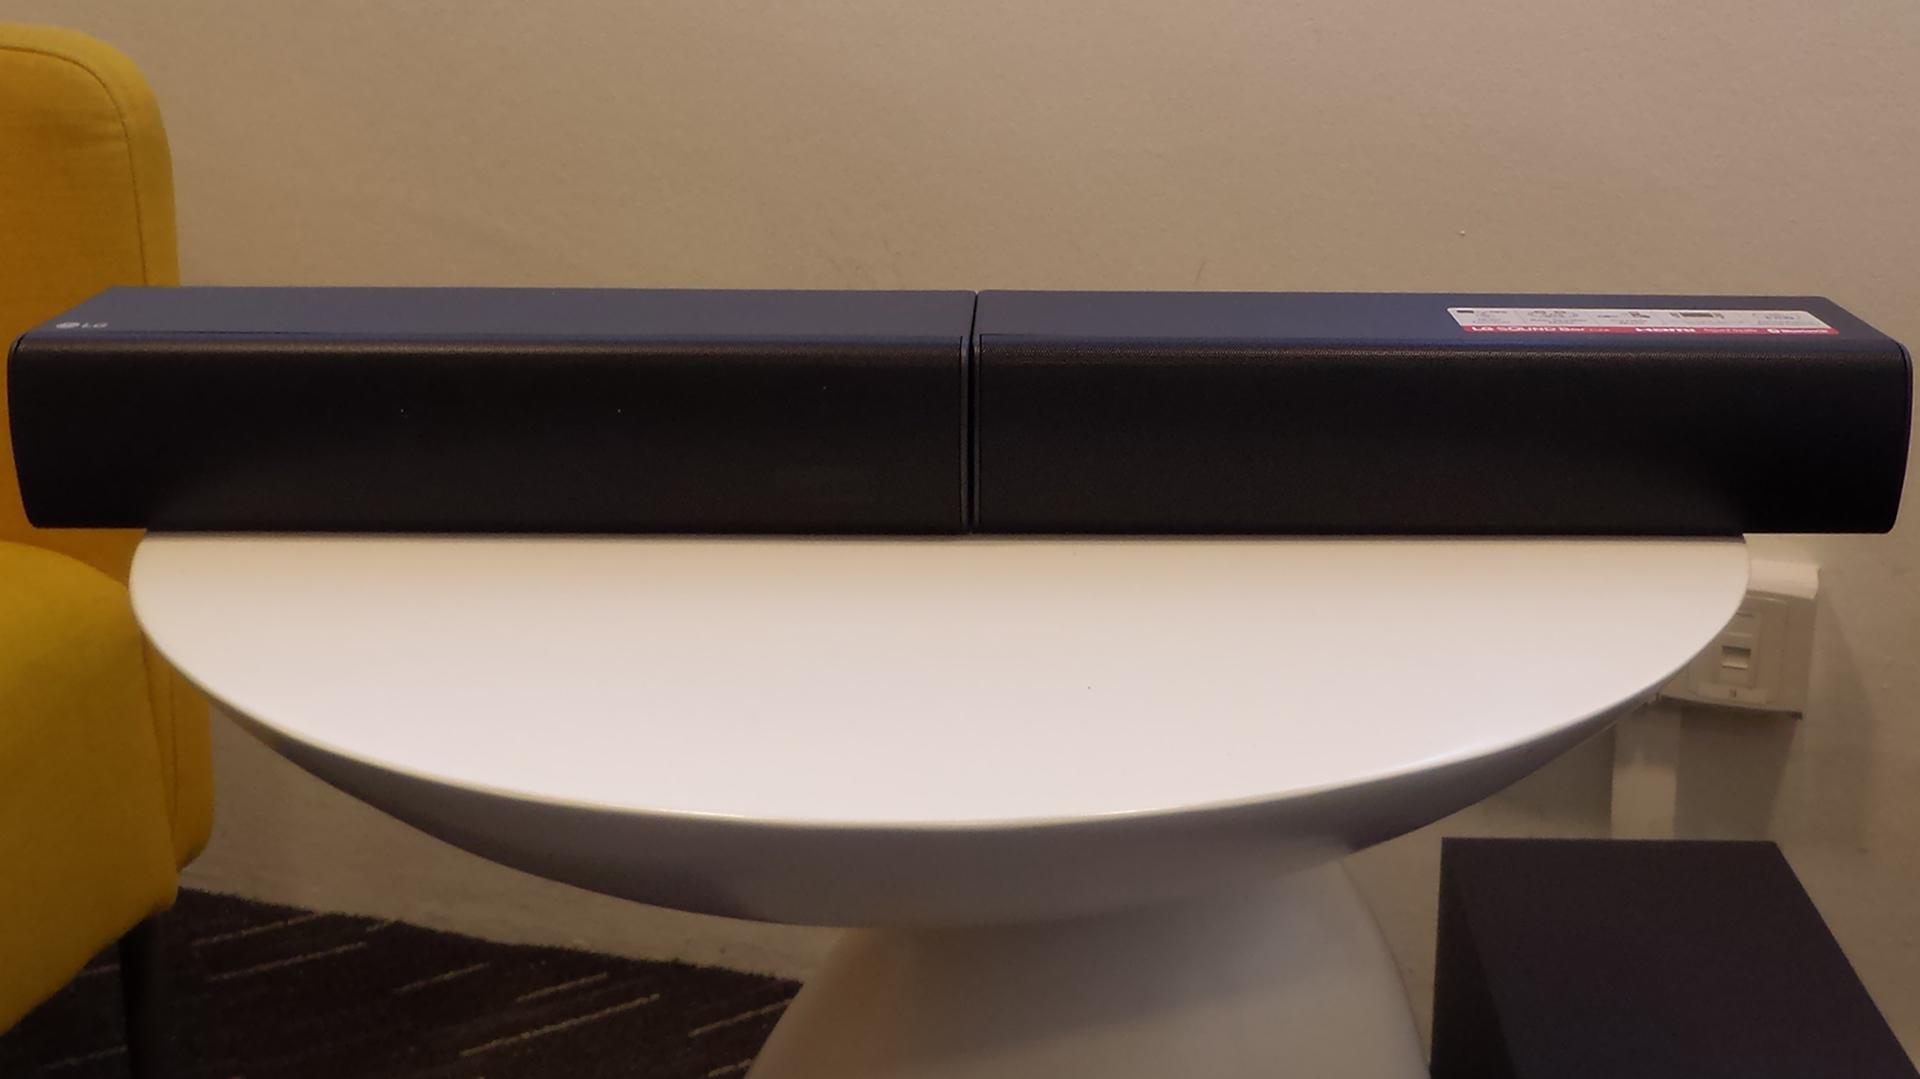 LG SJ7 Sound Bar Flex - sound bar configuration